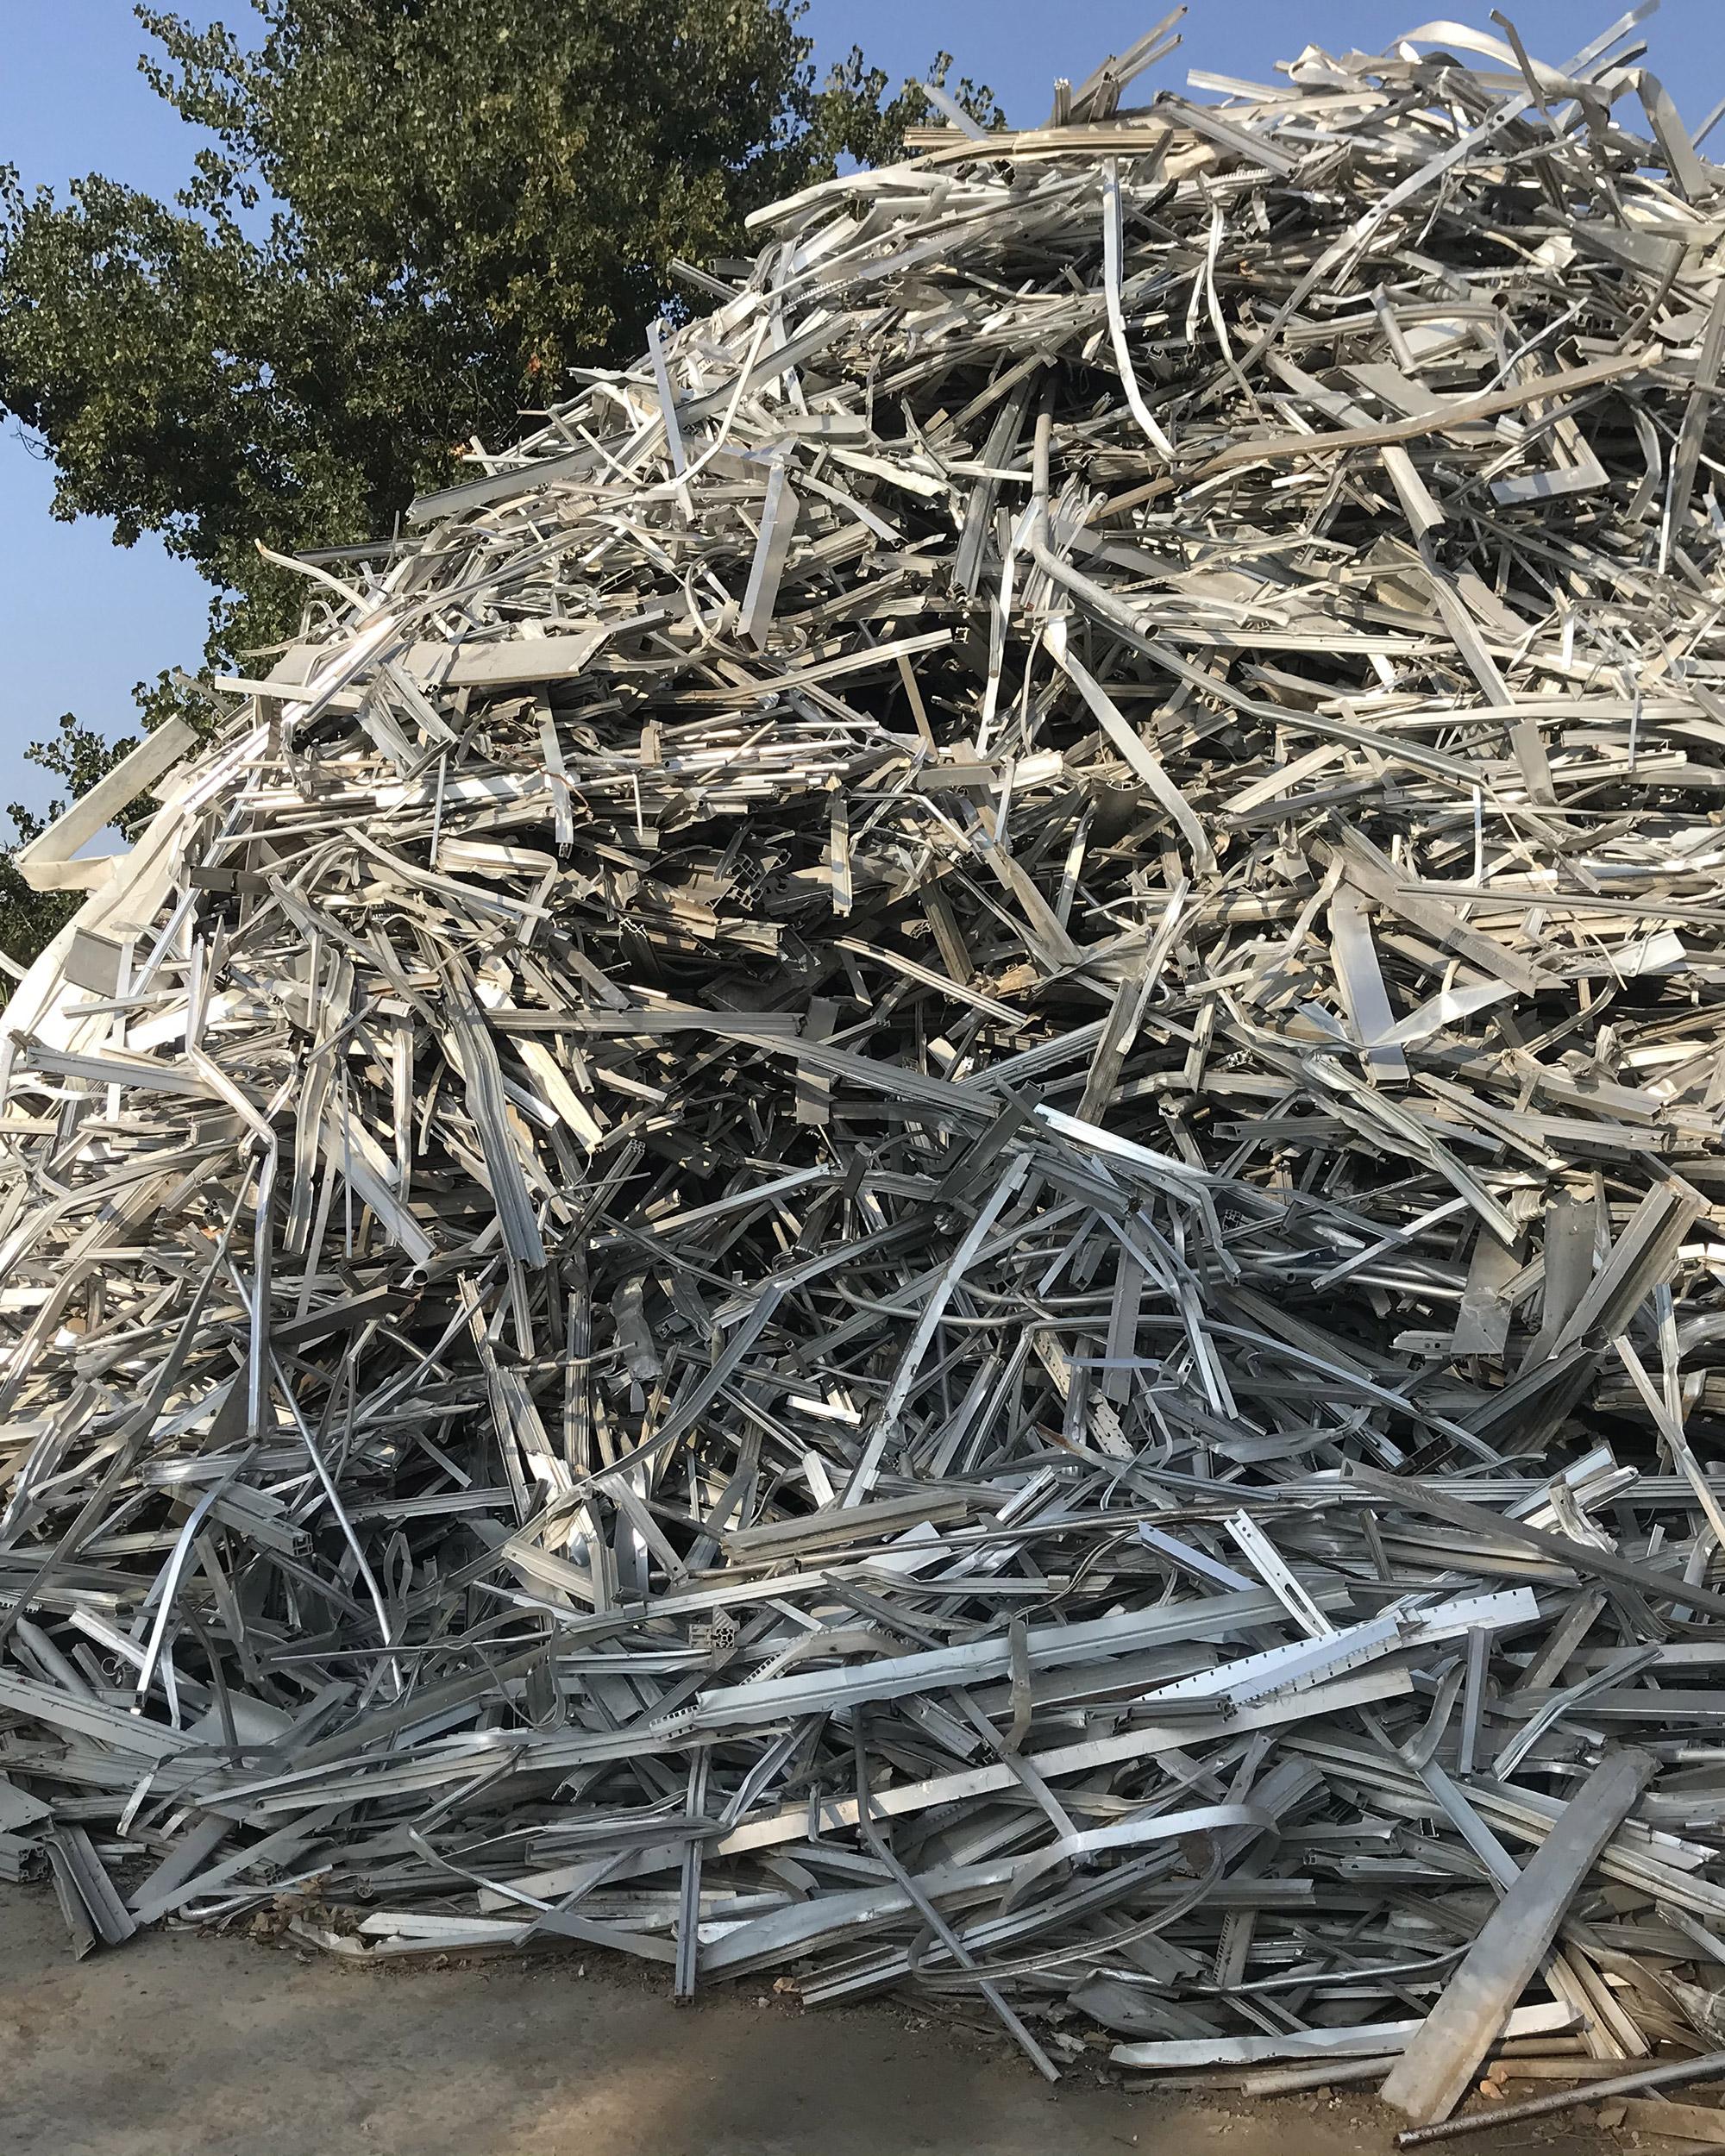 Pandolfi rottami ritiro dei materiali di scarto a domicilio